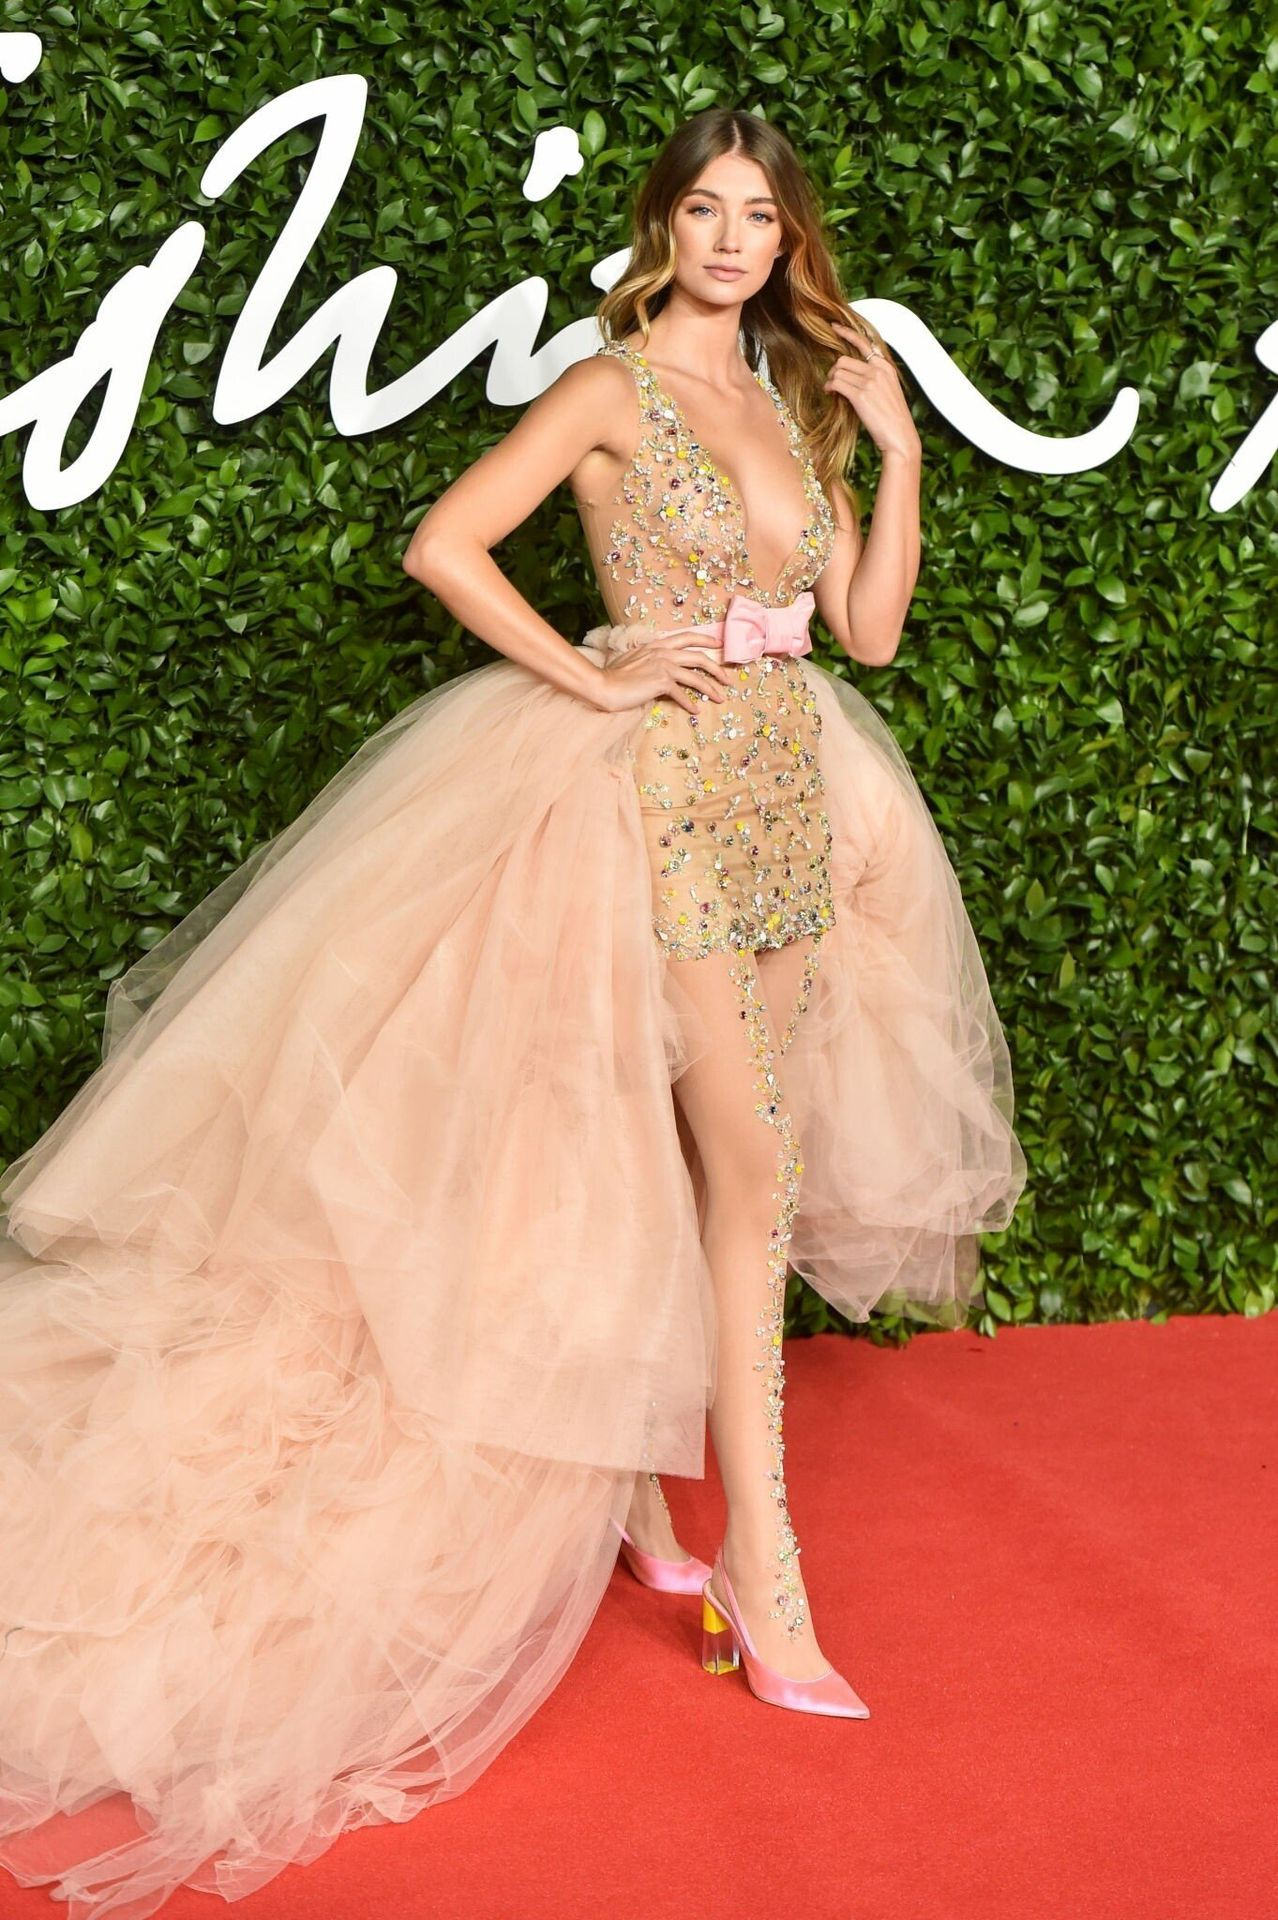 Lorena Rae Braless See Through Dress